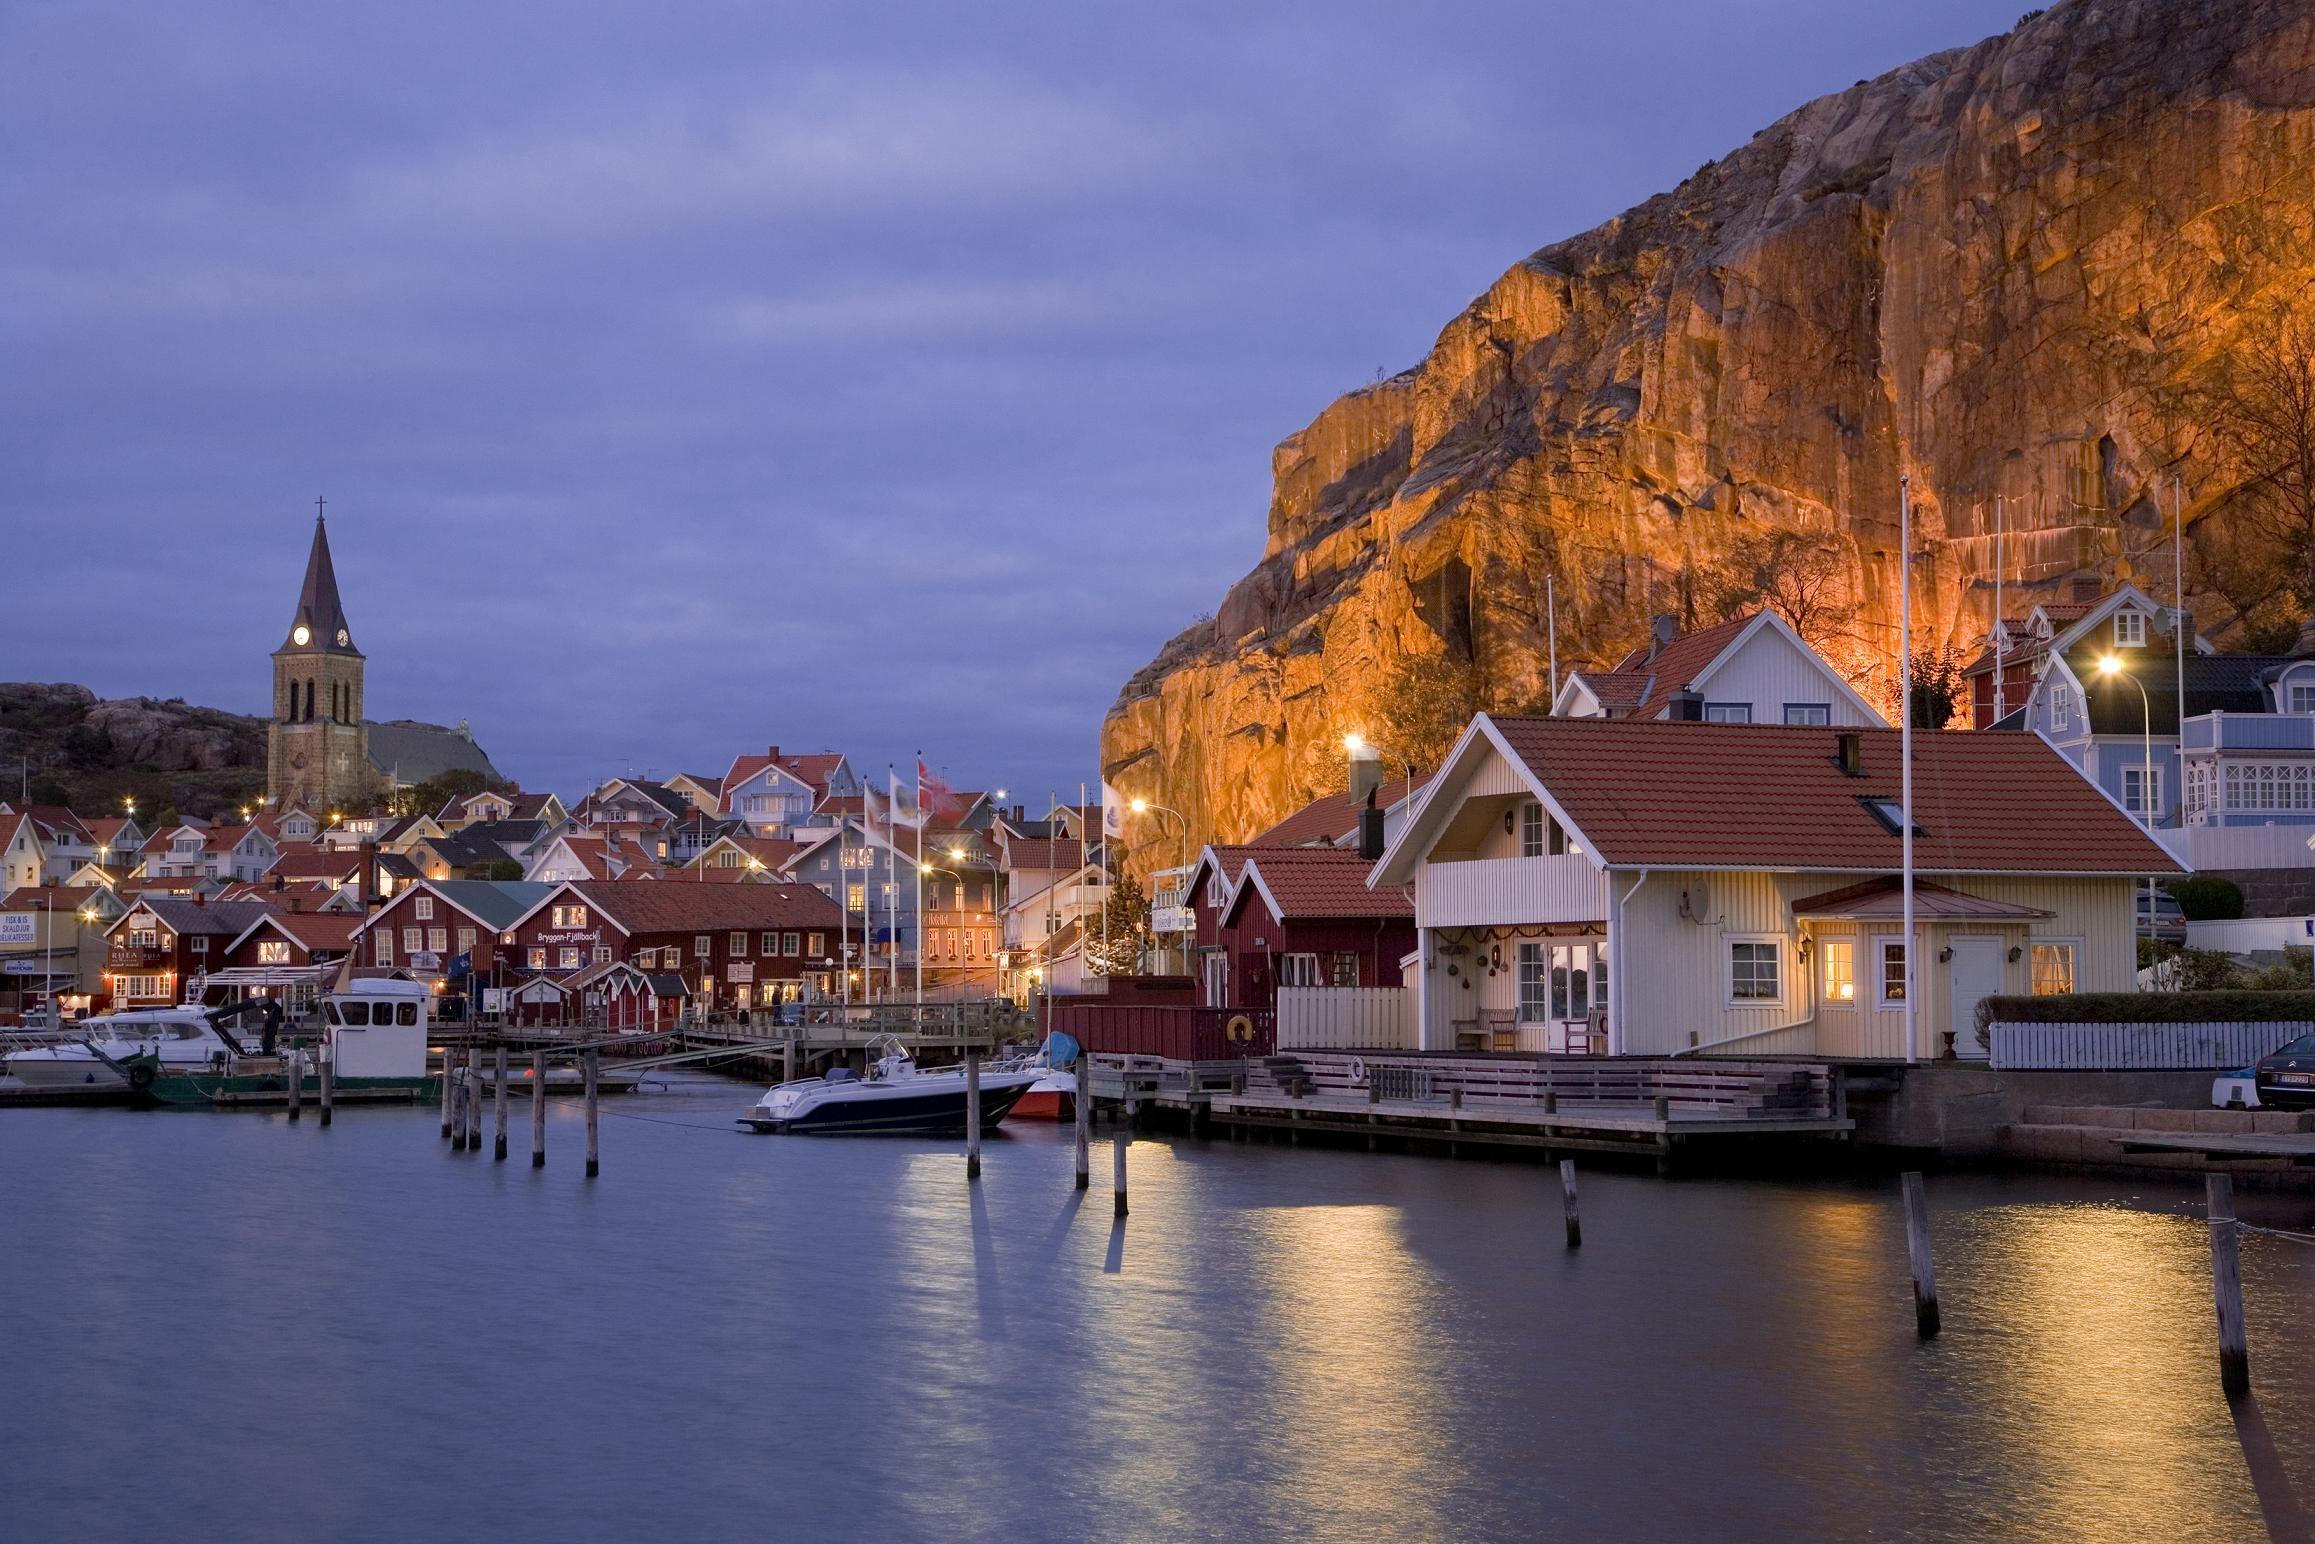 घूमने के लिए बेस्ट हैं स्वीडन में मौजूद ये खूबसूरत जगहें